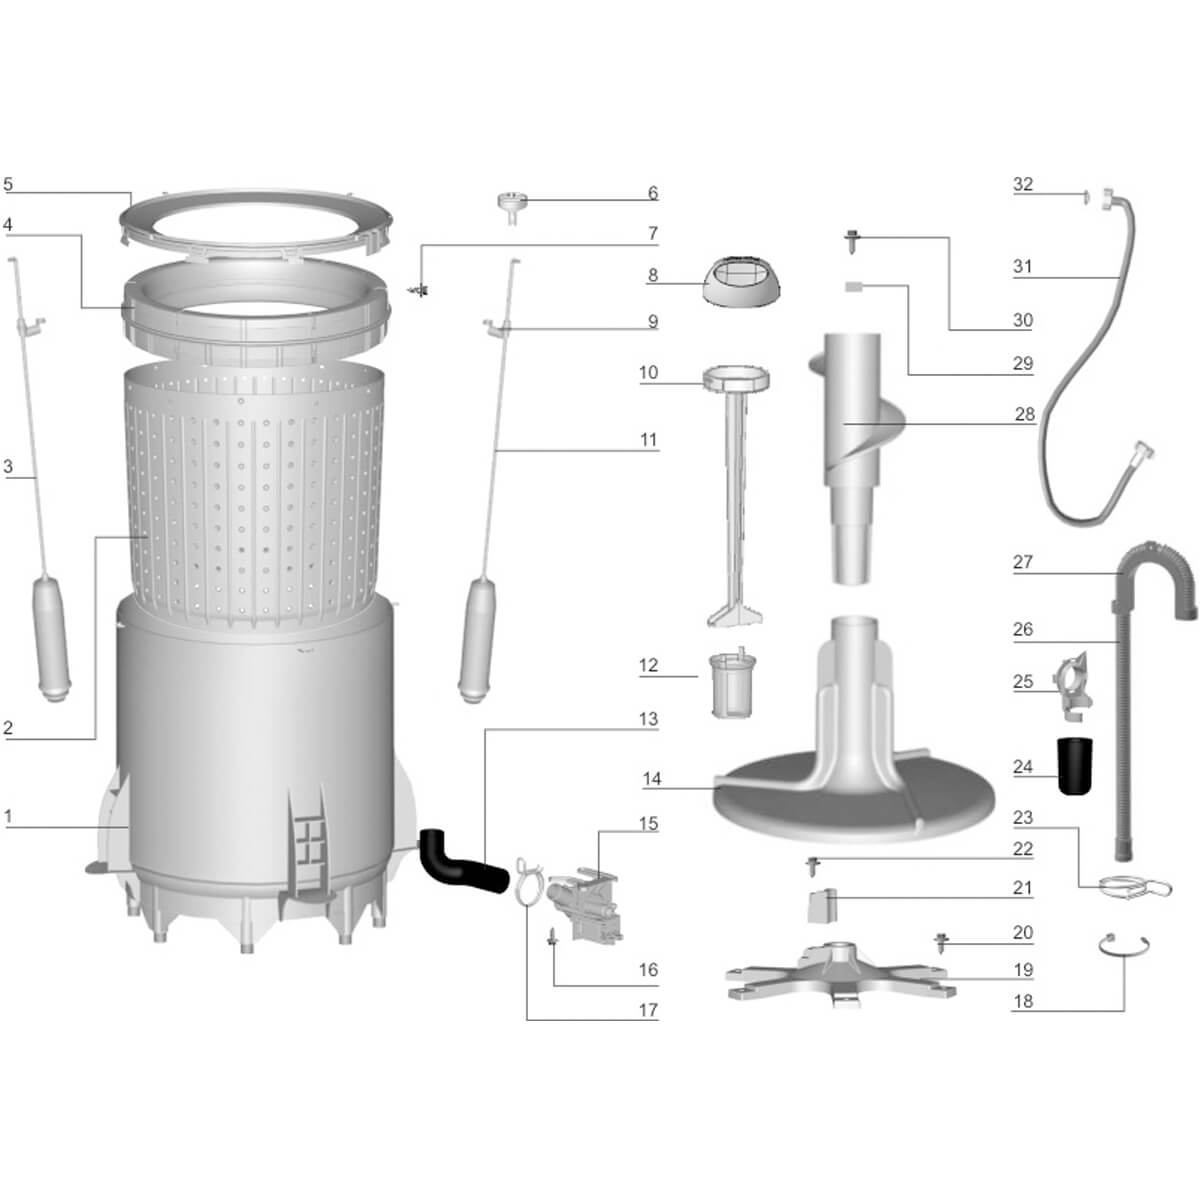 Filtro Pega Fiapos Para Lavadora De Roupas Electrolux LTE09 LTE12 LTC12 LTC07 - 67493304